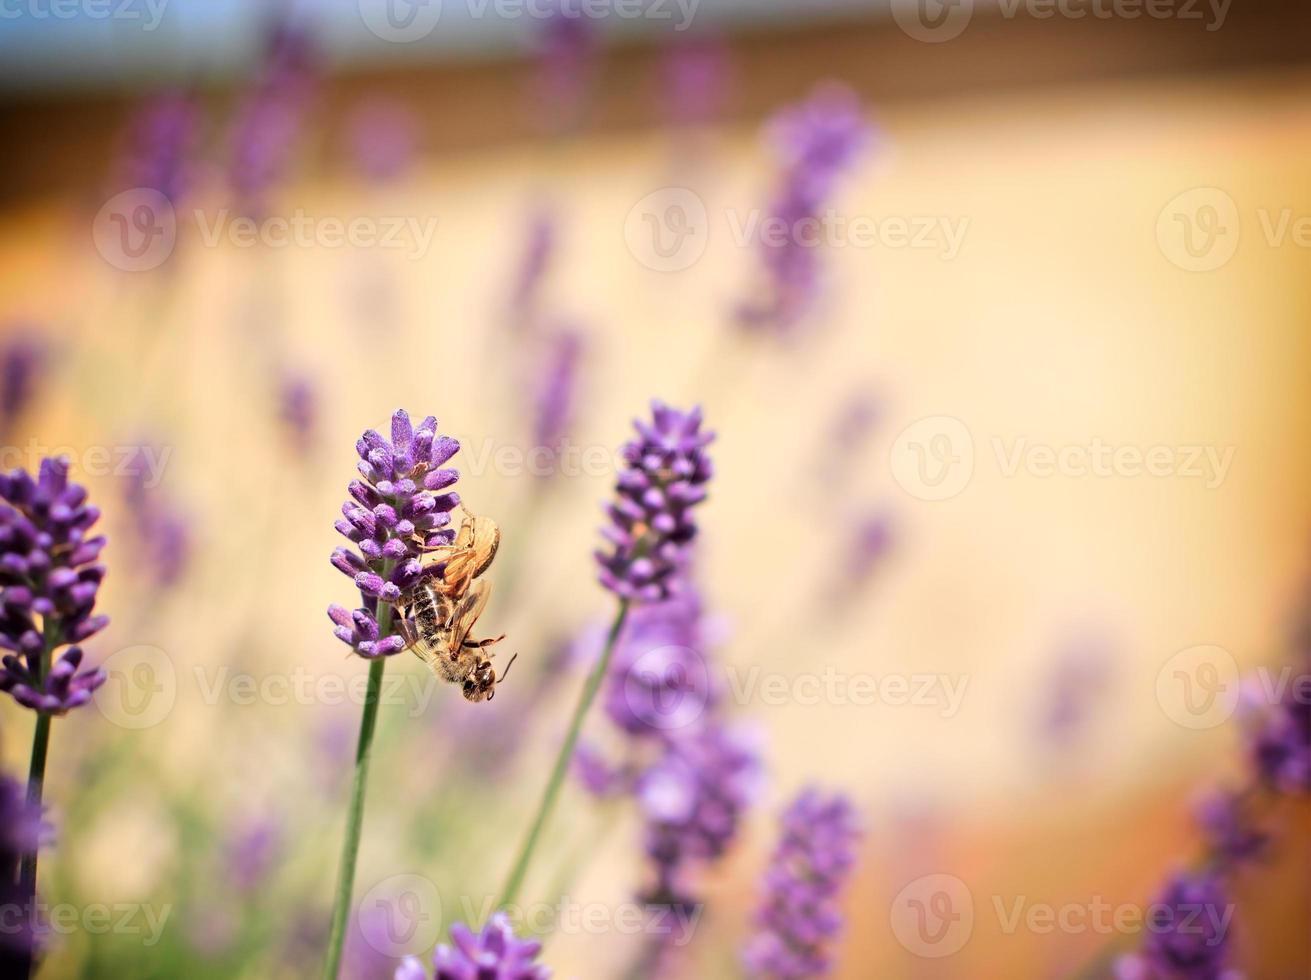 araignée a attrapé une abeille sur la lavande photo